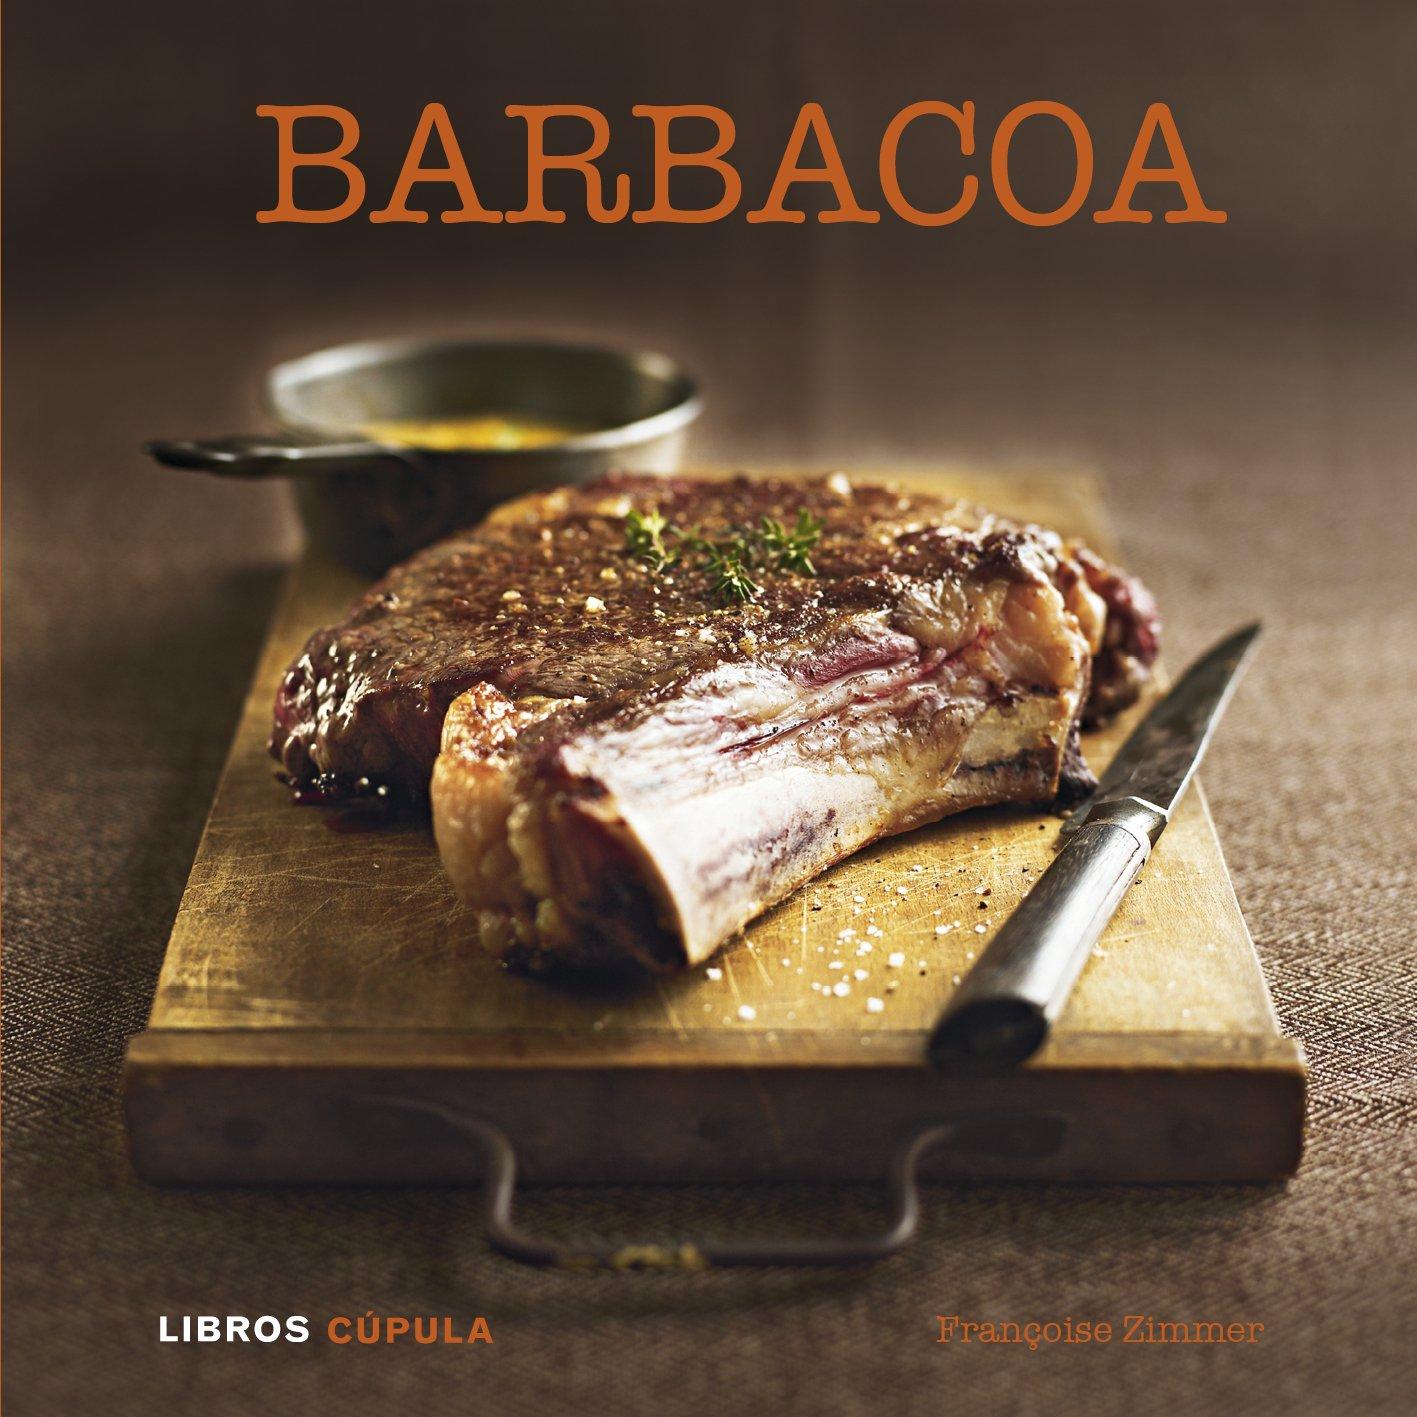 Barbacoa (Cocina): Amazon.es: Françoise Zimmer, Parangona Realització Editorial S.L.: Libros